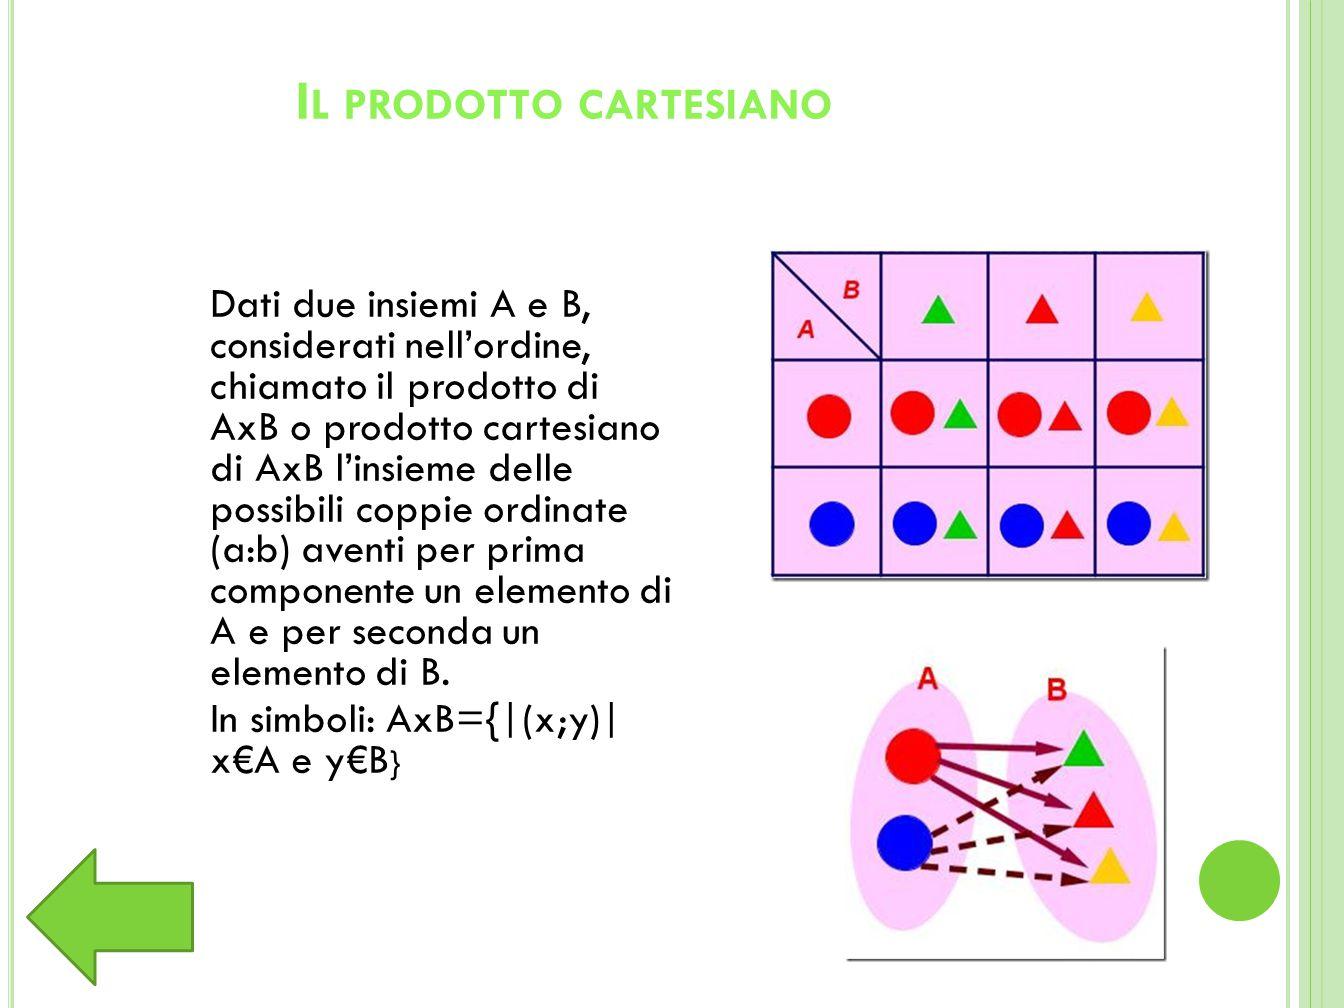 I L PRODOTTO CARTESIANO Dati due insiemi A e B, considerati nell'ordine, chiamato il prodotto di AxB o prodotto cartesiano di AxB l'insieme delle possibili coppie ordinate (a:b) aventi per prima componente un elemento di A e per seconda un elemento di B.